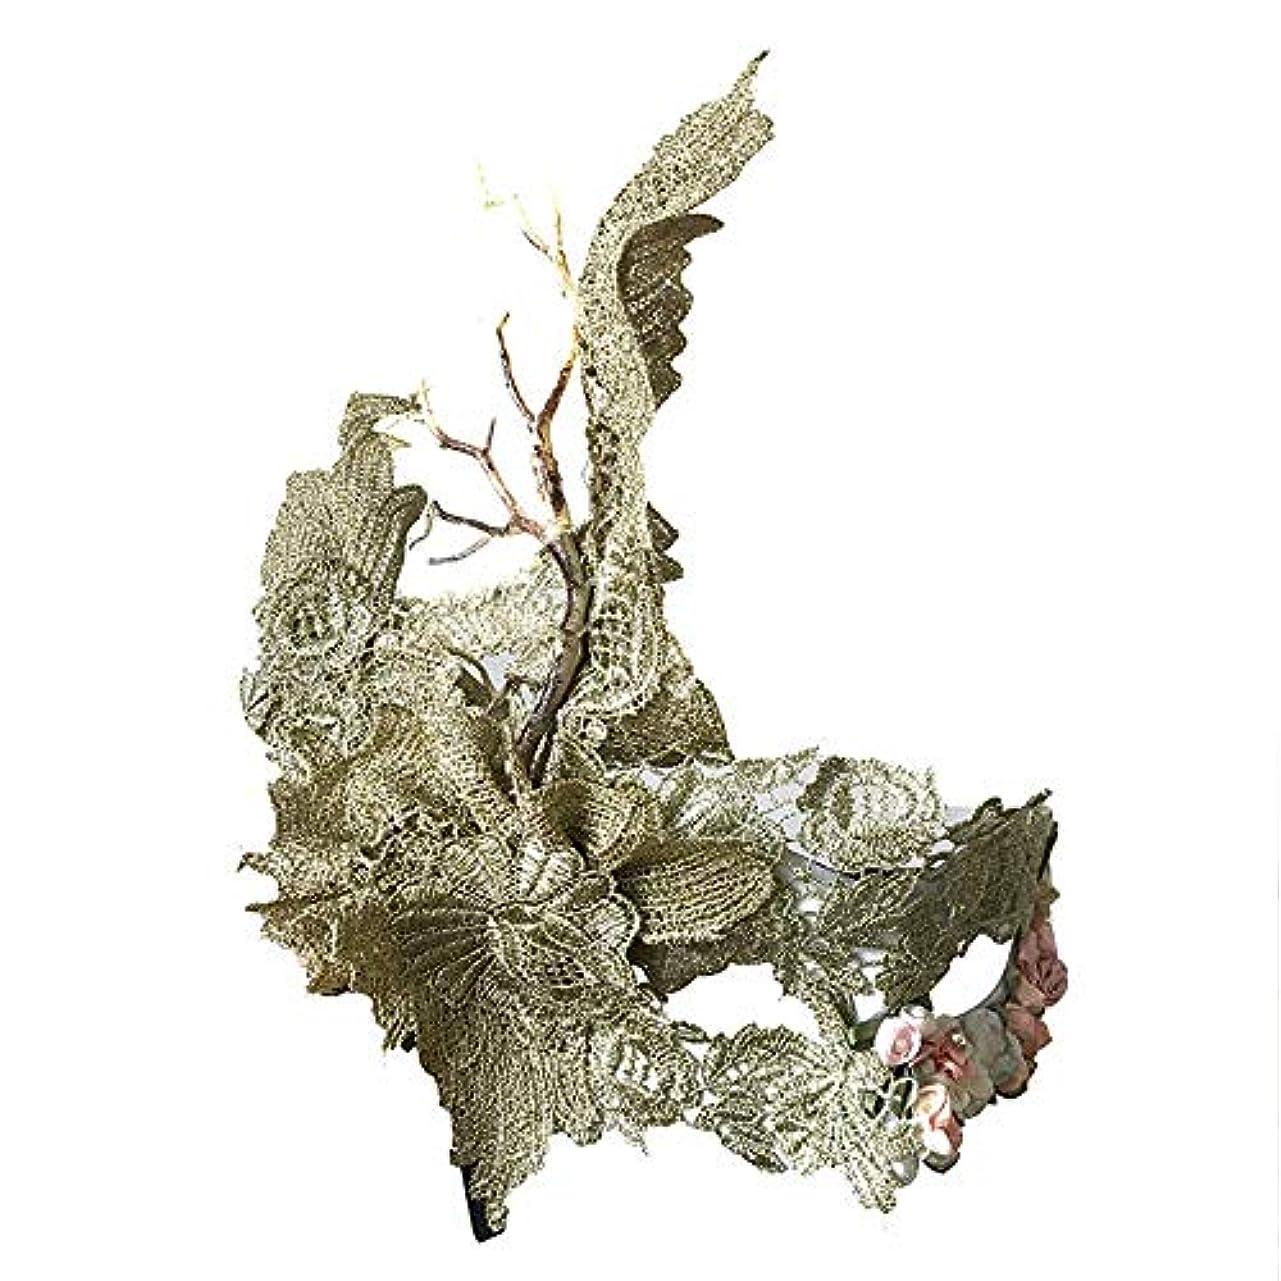 コマンド定期的な無視するNanle ハロウィーン手刺繍乾燥ブランチマスク仮装マスクレディミスプリンセス美容祭パーティー装飾マスク